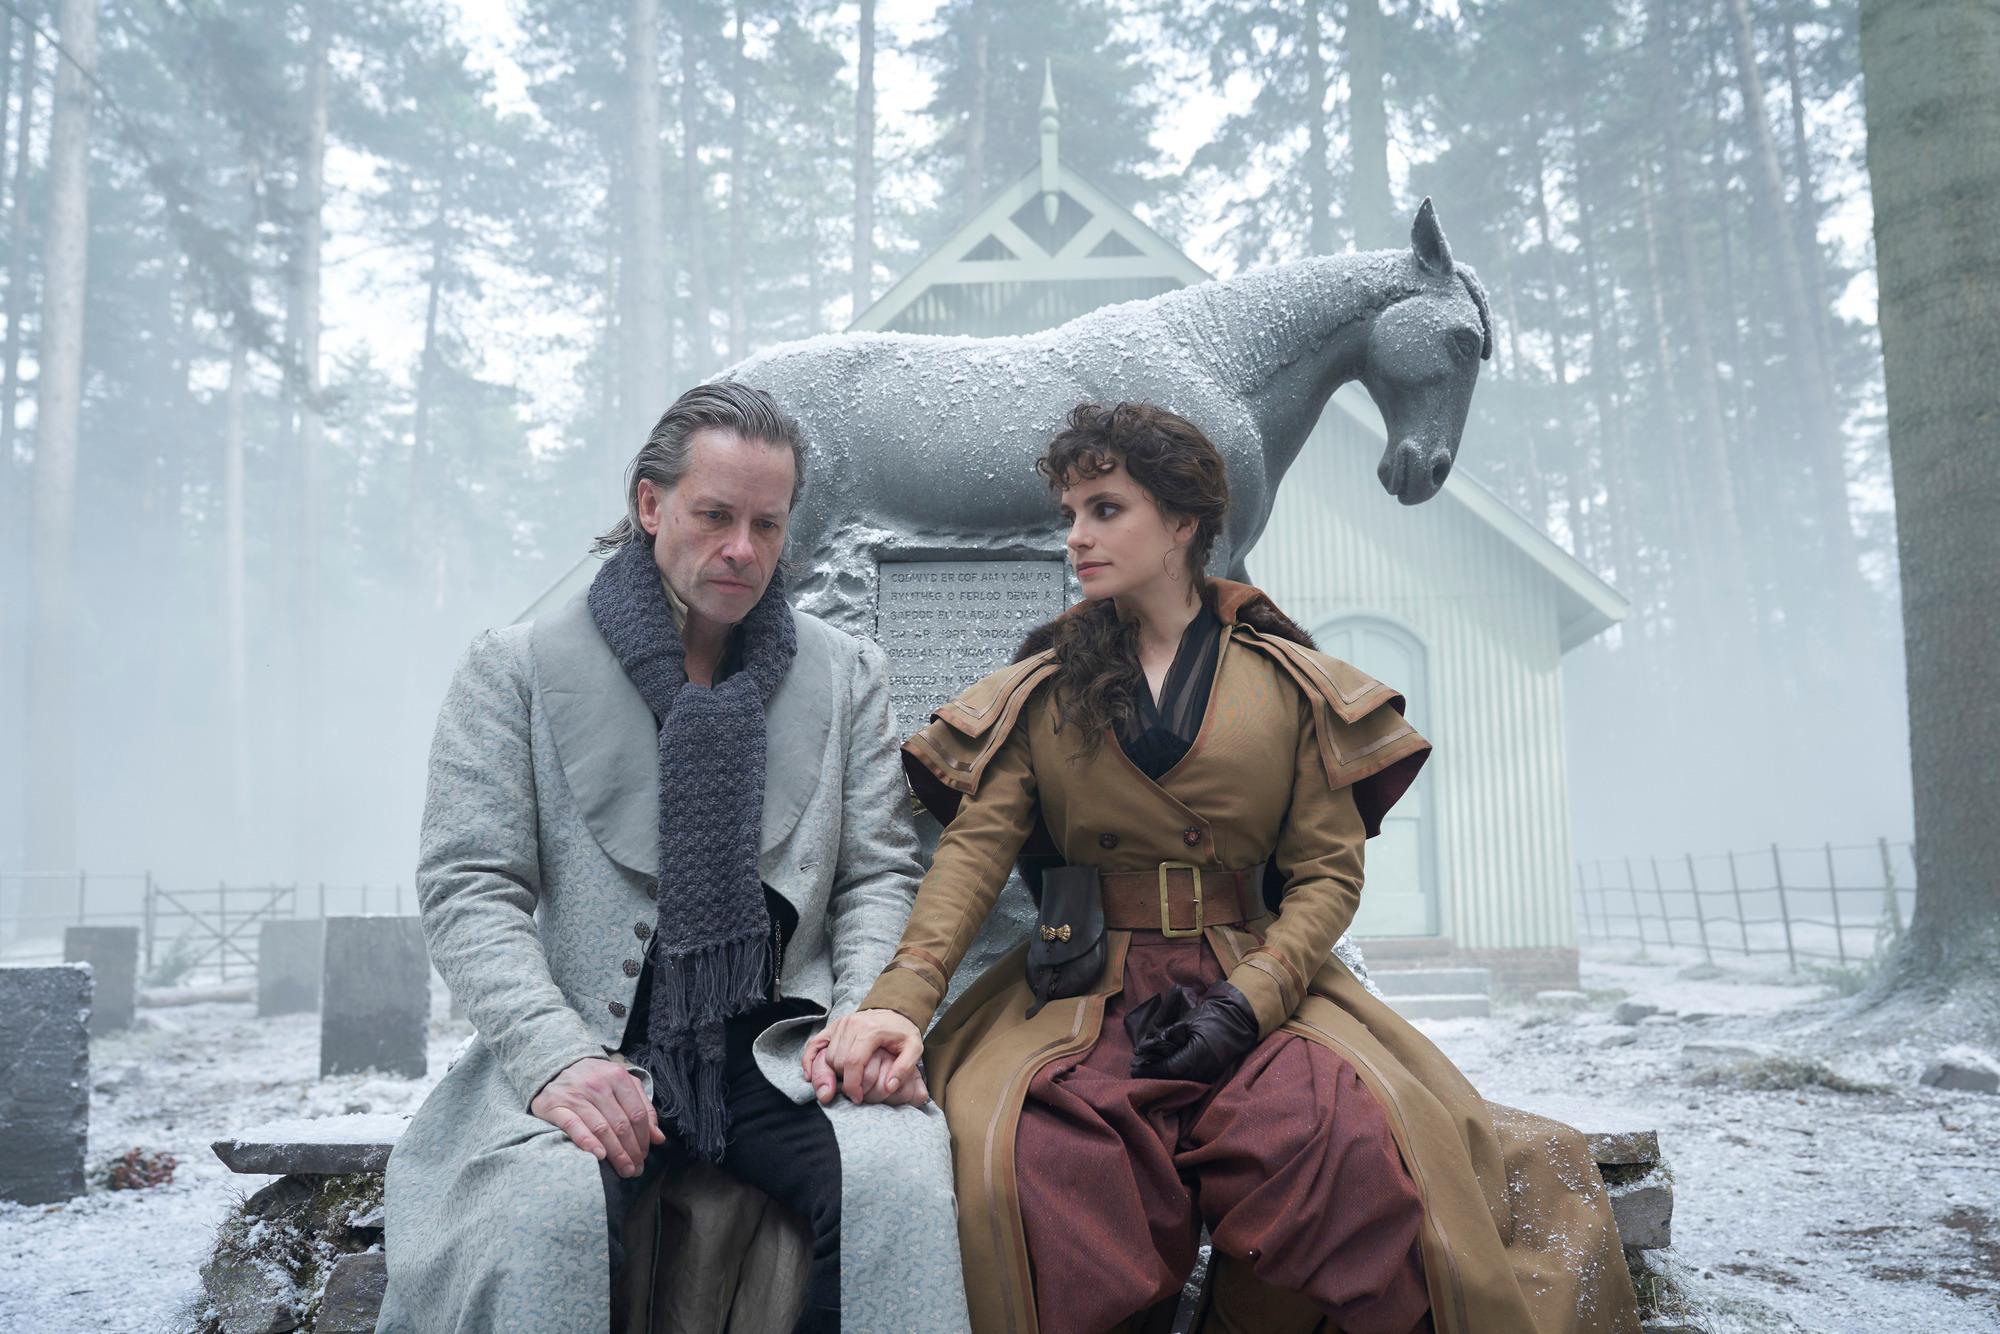 10 лучших новых фильмов, которые надо посмотреть в декабре и январе